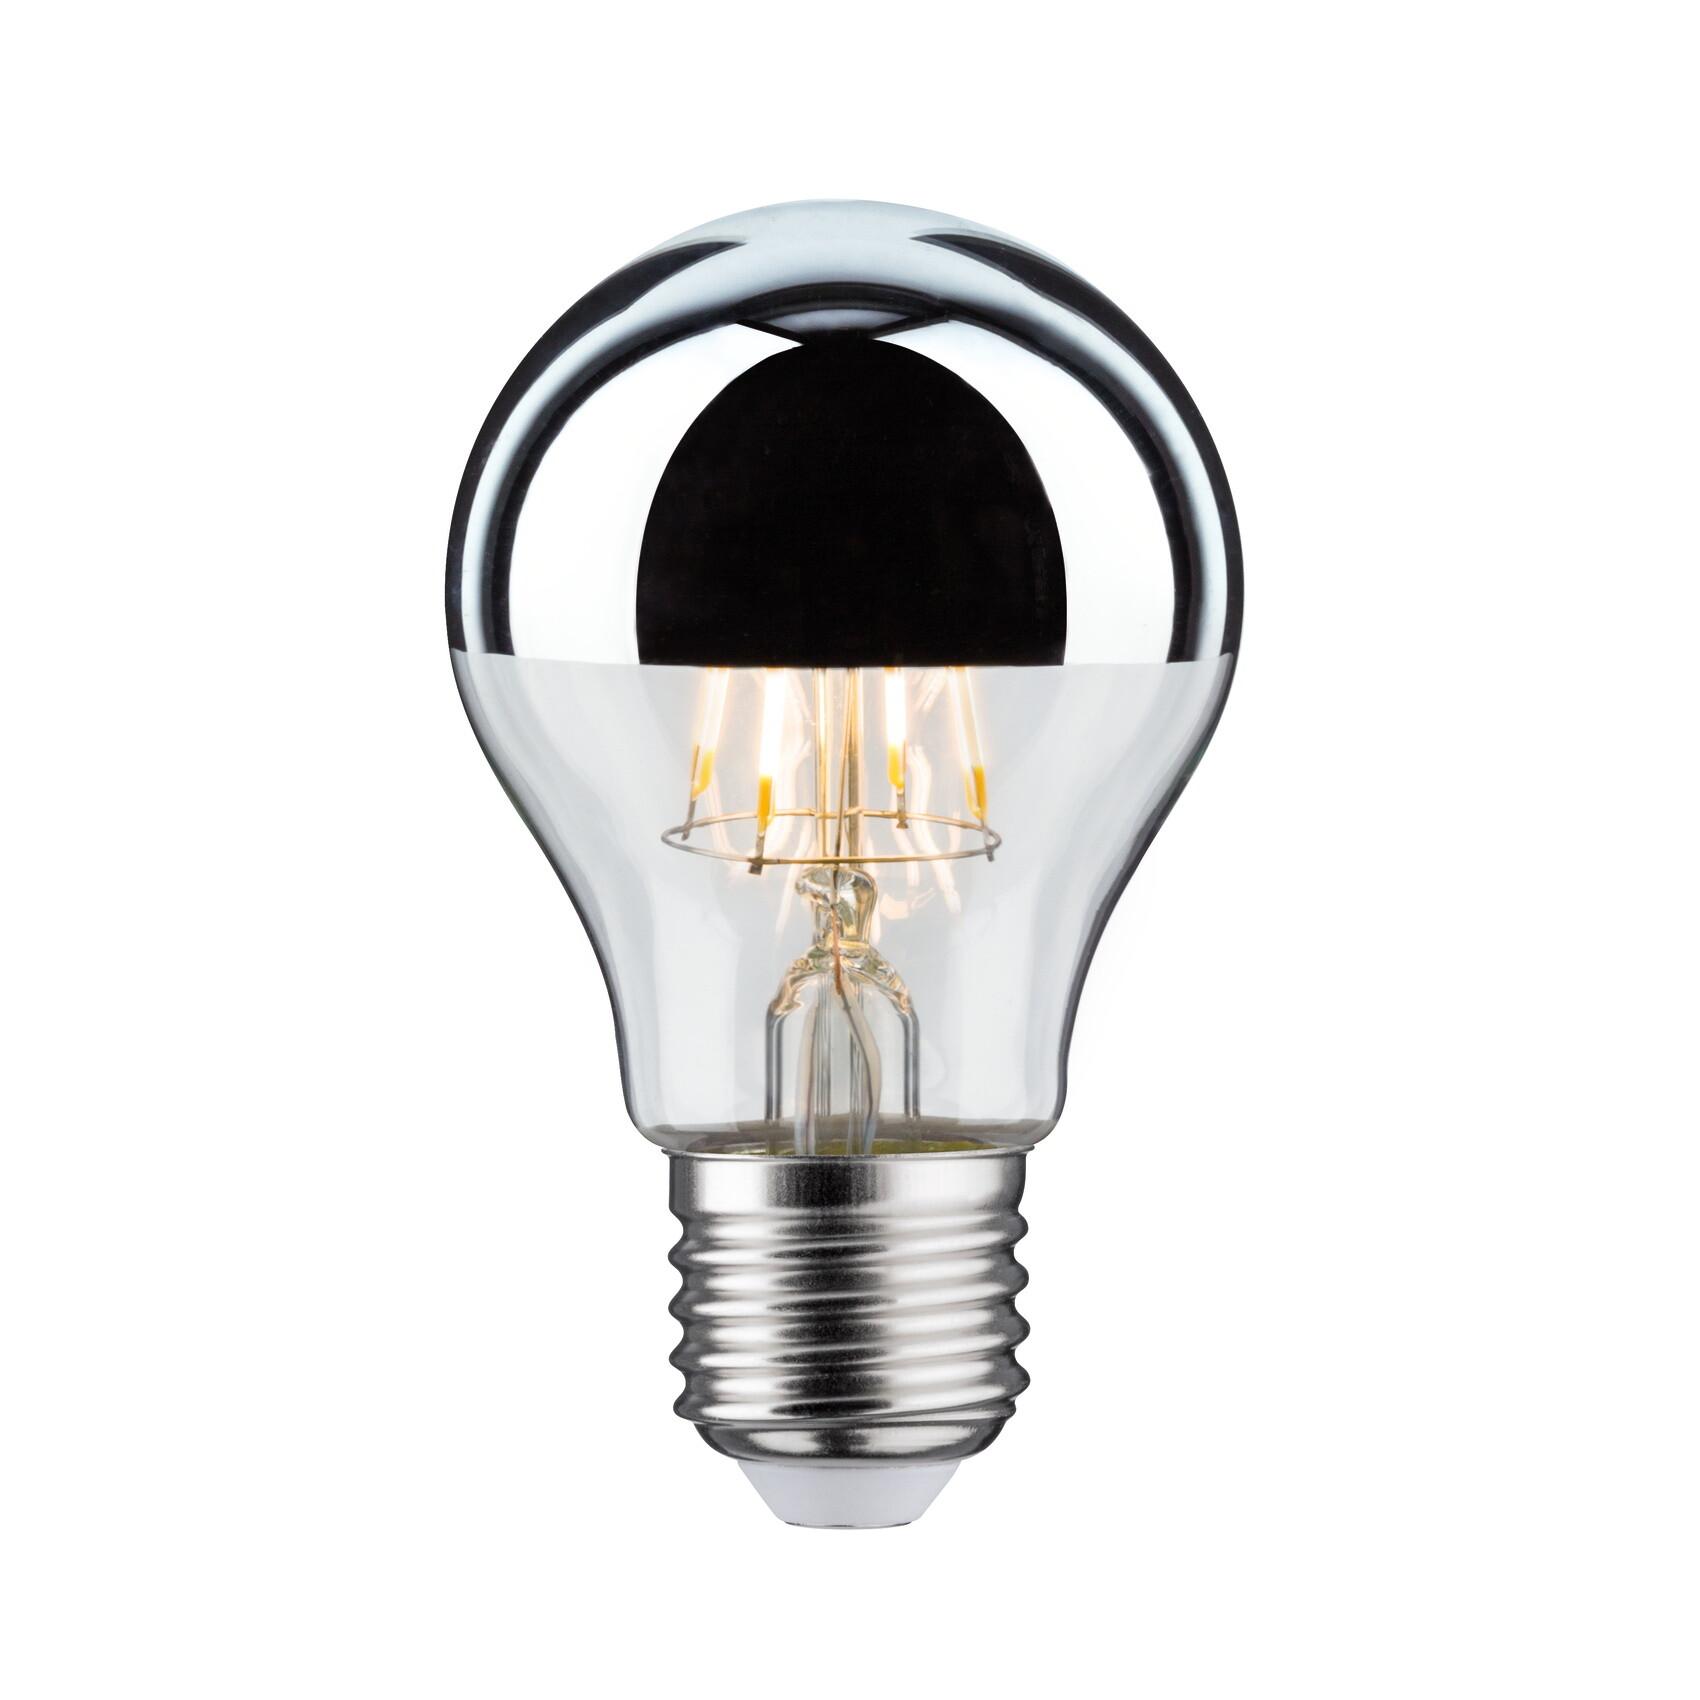 Udsalg på design lamper Billige lamper på tilbud Køb online